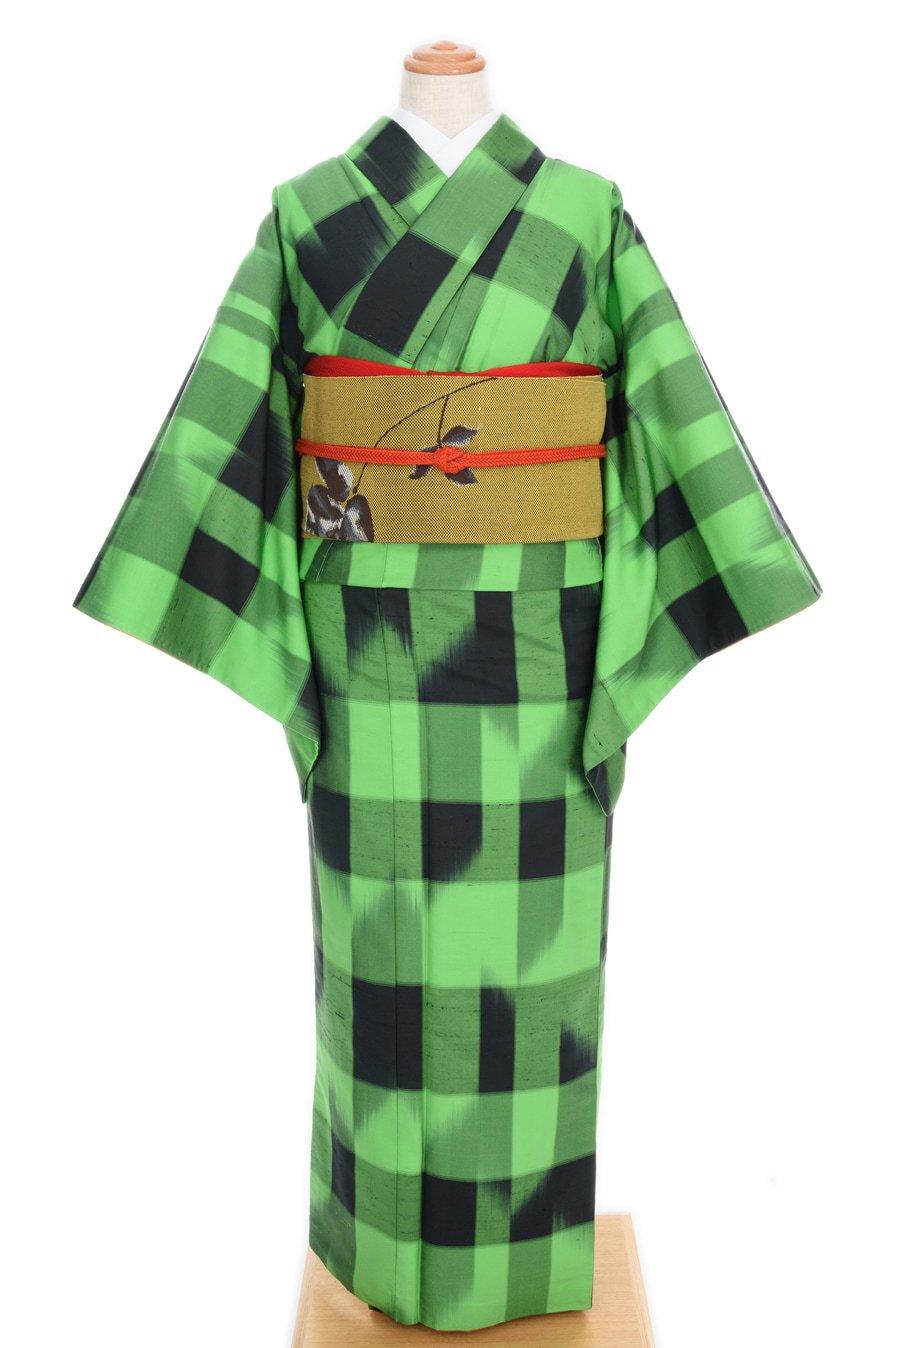 「紬 グリーンと黒の変わり格子」の商品画像